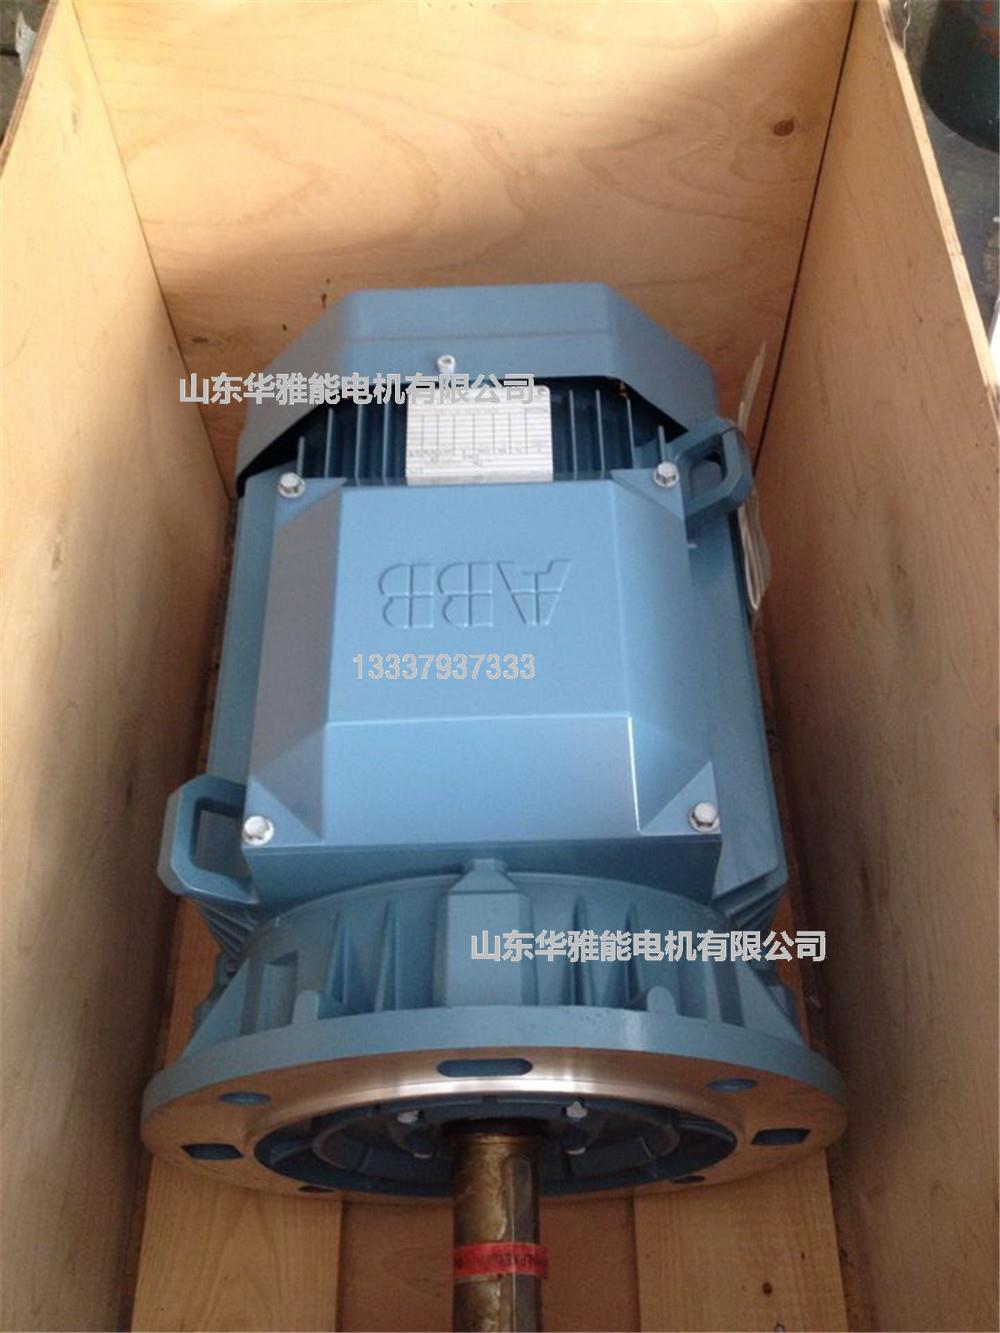 替代M3AA铝壳电机销售M2AA电机铝壳电机并将信息传递给电子控制单元